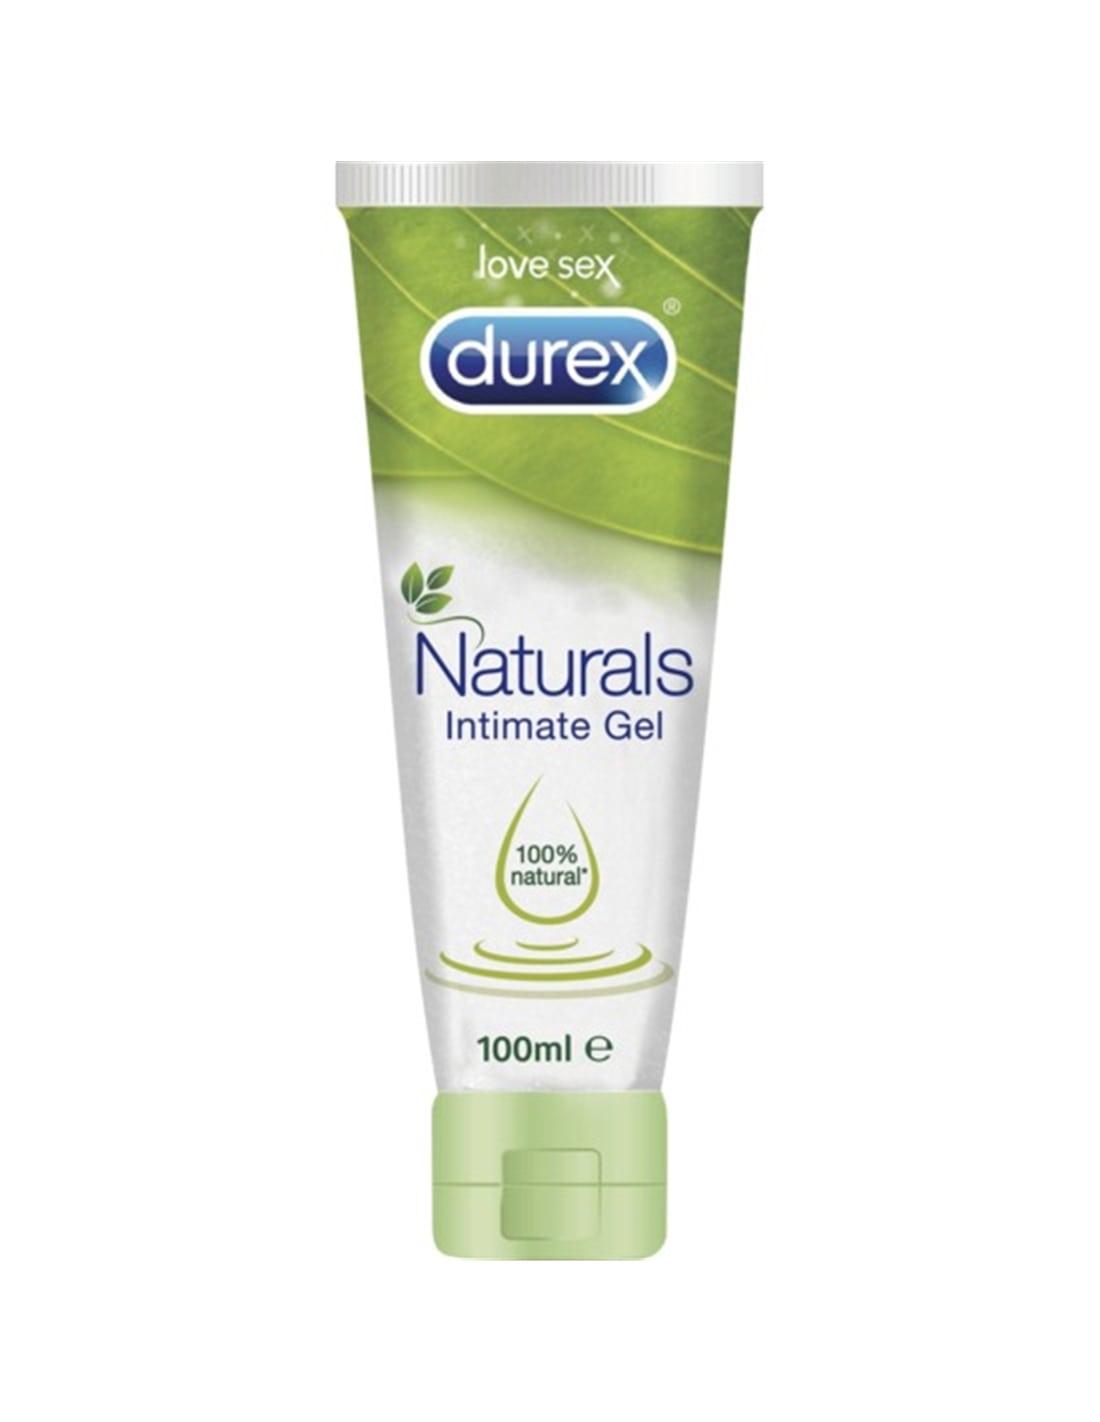 42488 - Durex Lubricante Íntimo Naturals 100 Ml-PR2010344218